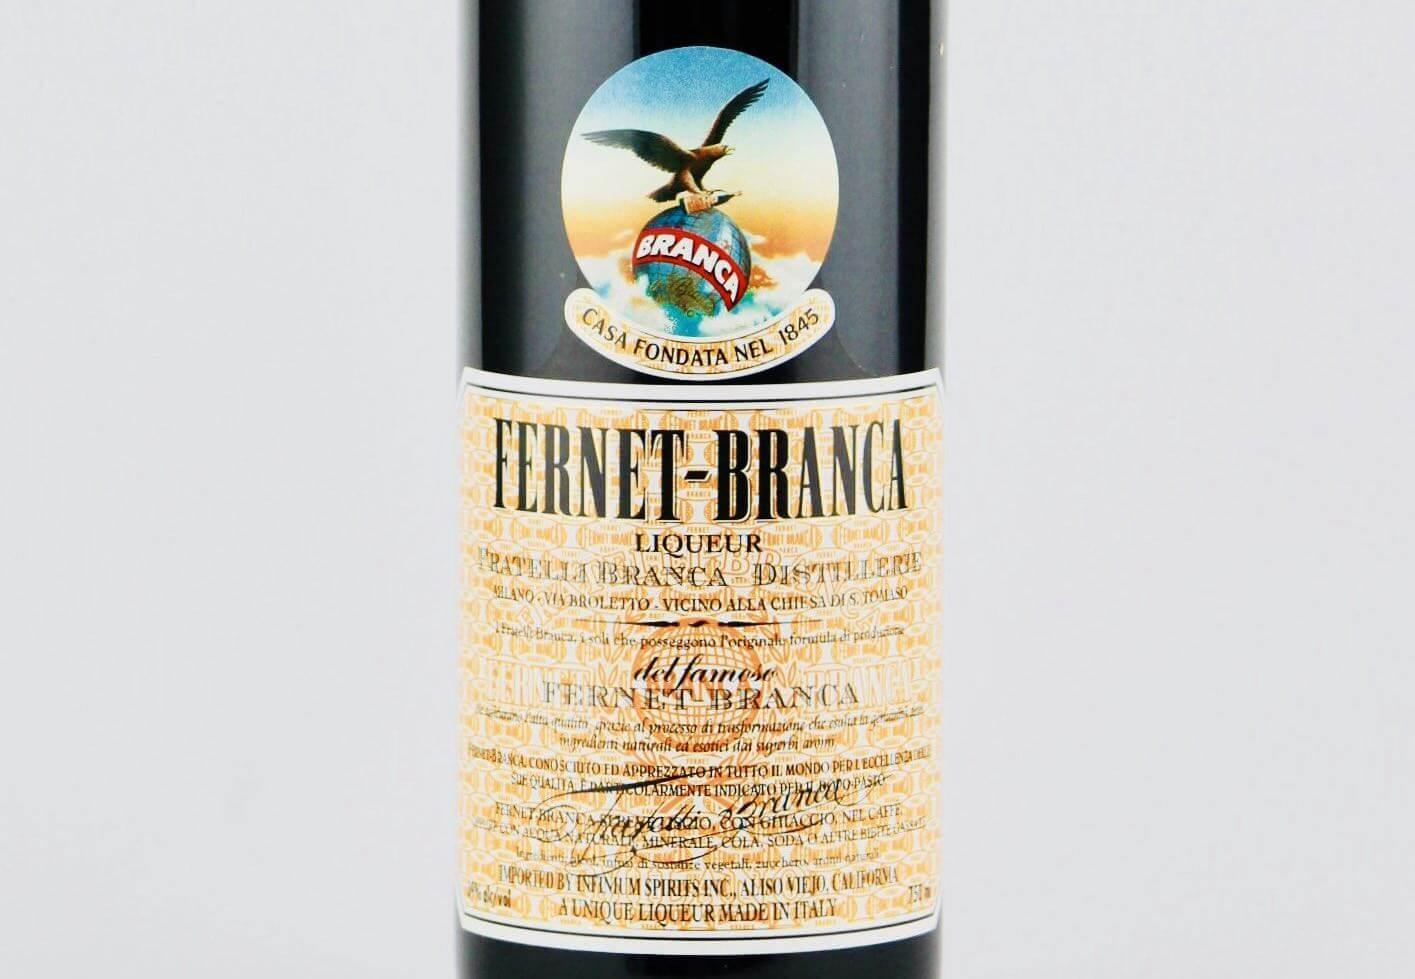 Etiketa na Fernet Branca